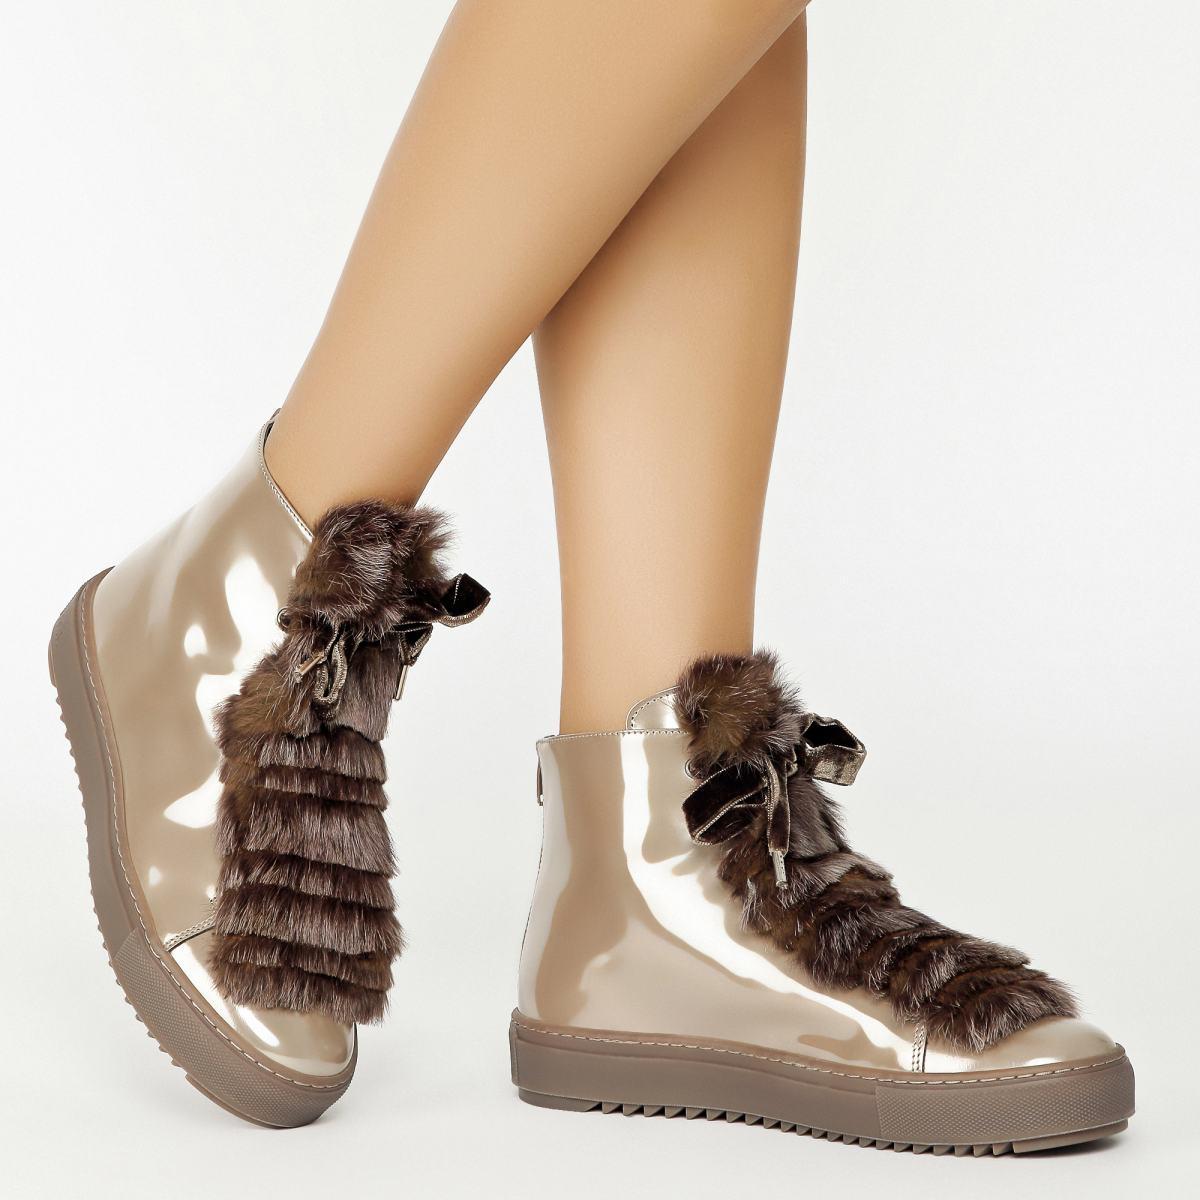 gallery_1_novaja-kollekcija-agl-dlja-cenitelej-stilnoj-obuvi-3